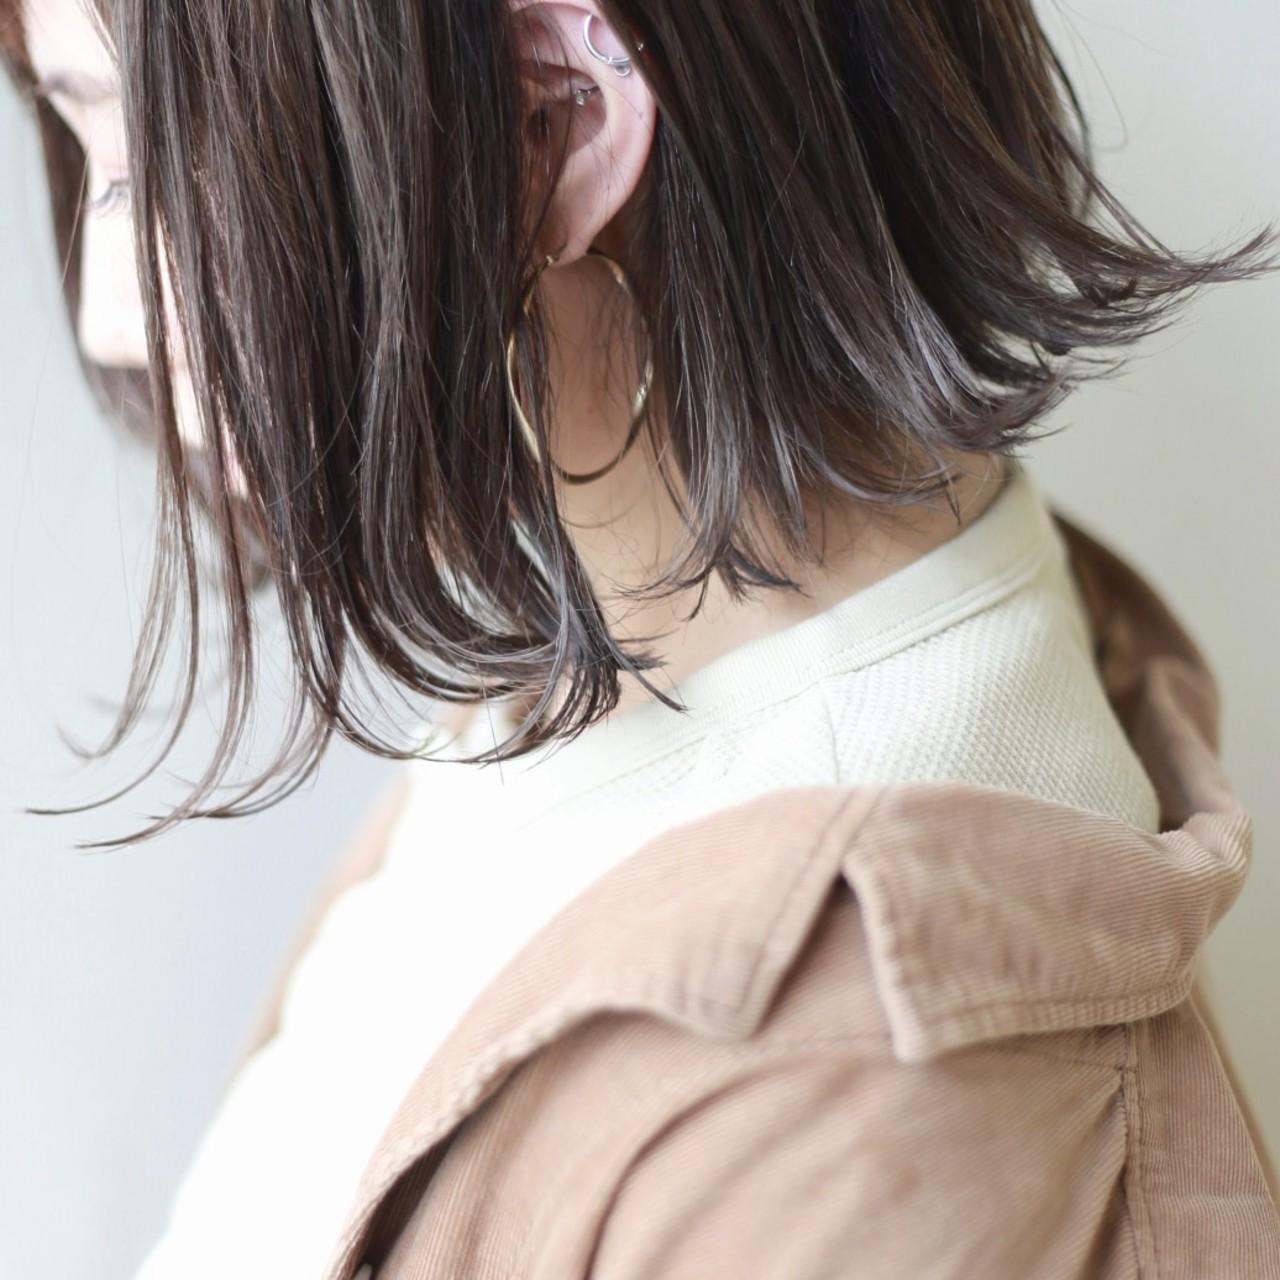 ミルクティーグレー ナチュラル ボブ ハイライト ヘアスタイルや髪型の写真・画像 | 松田武法 / amitiebypretty